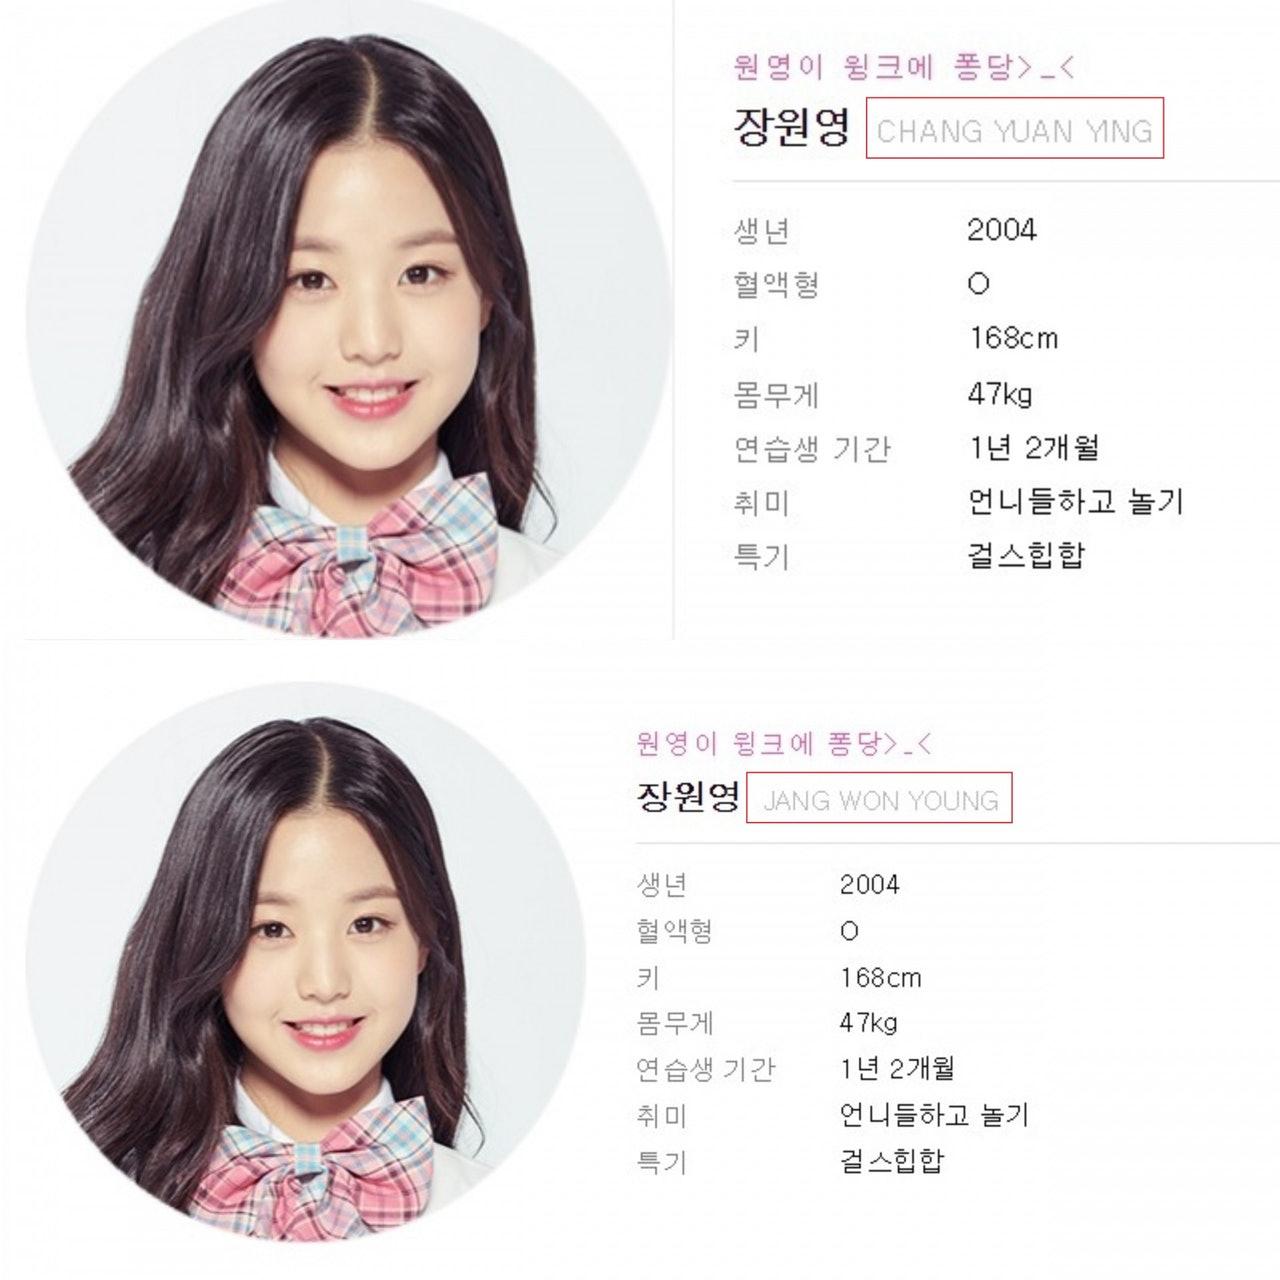 《PD48》播出之前,就有消息指出張元英父親是台灣人,母親是韓國人,為台韓混血 《PD48》簡歷表的英文名字曾顯示成「Chang Yuan Ying」(在台灣的英文拼音) 後來改為韓國的英文拼音「Jang Won Young」 在這方面所屬公司STARSHIP也沒做出回應